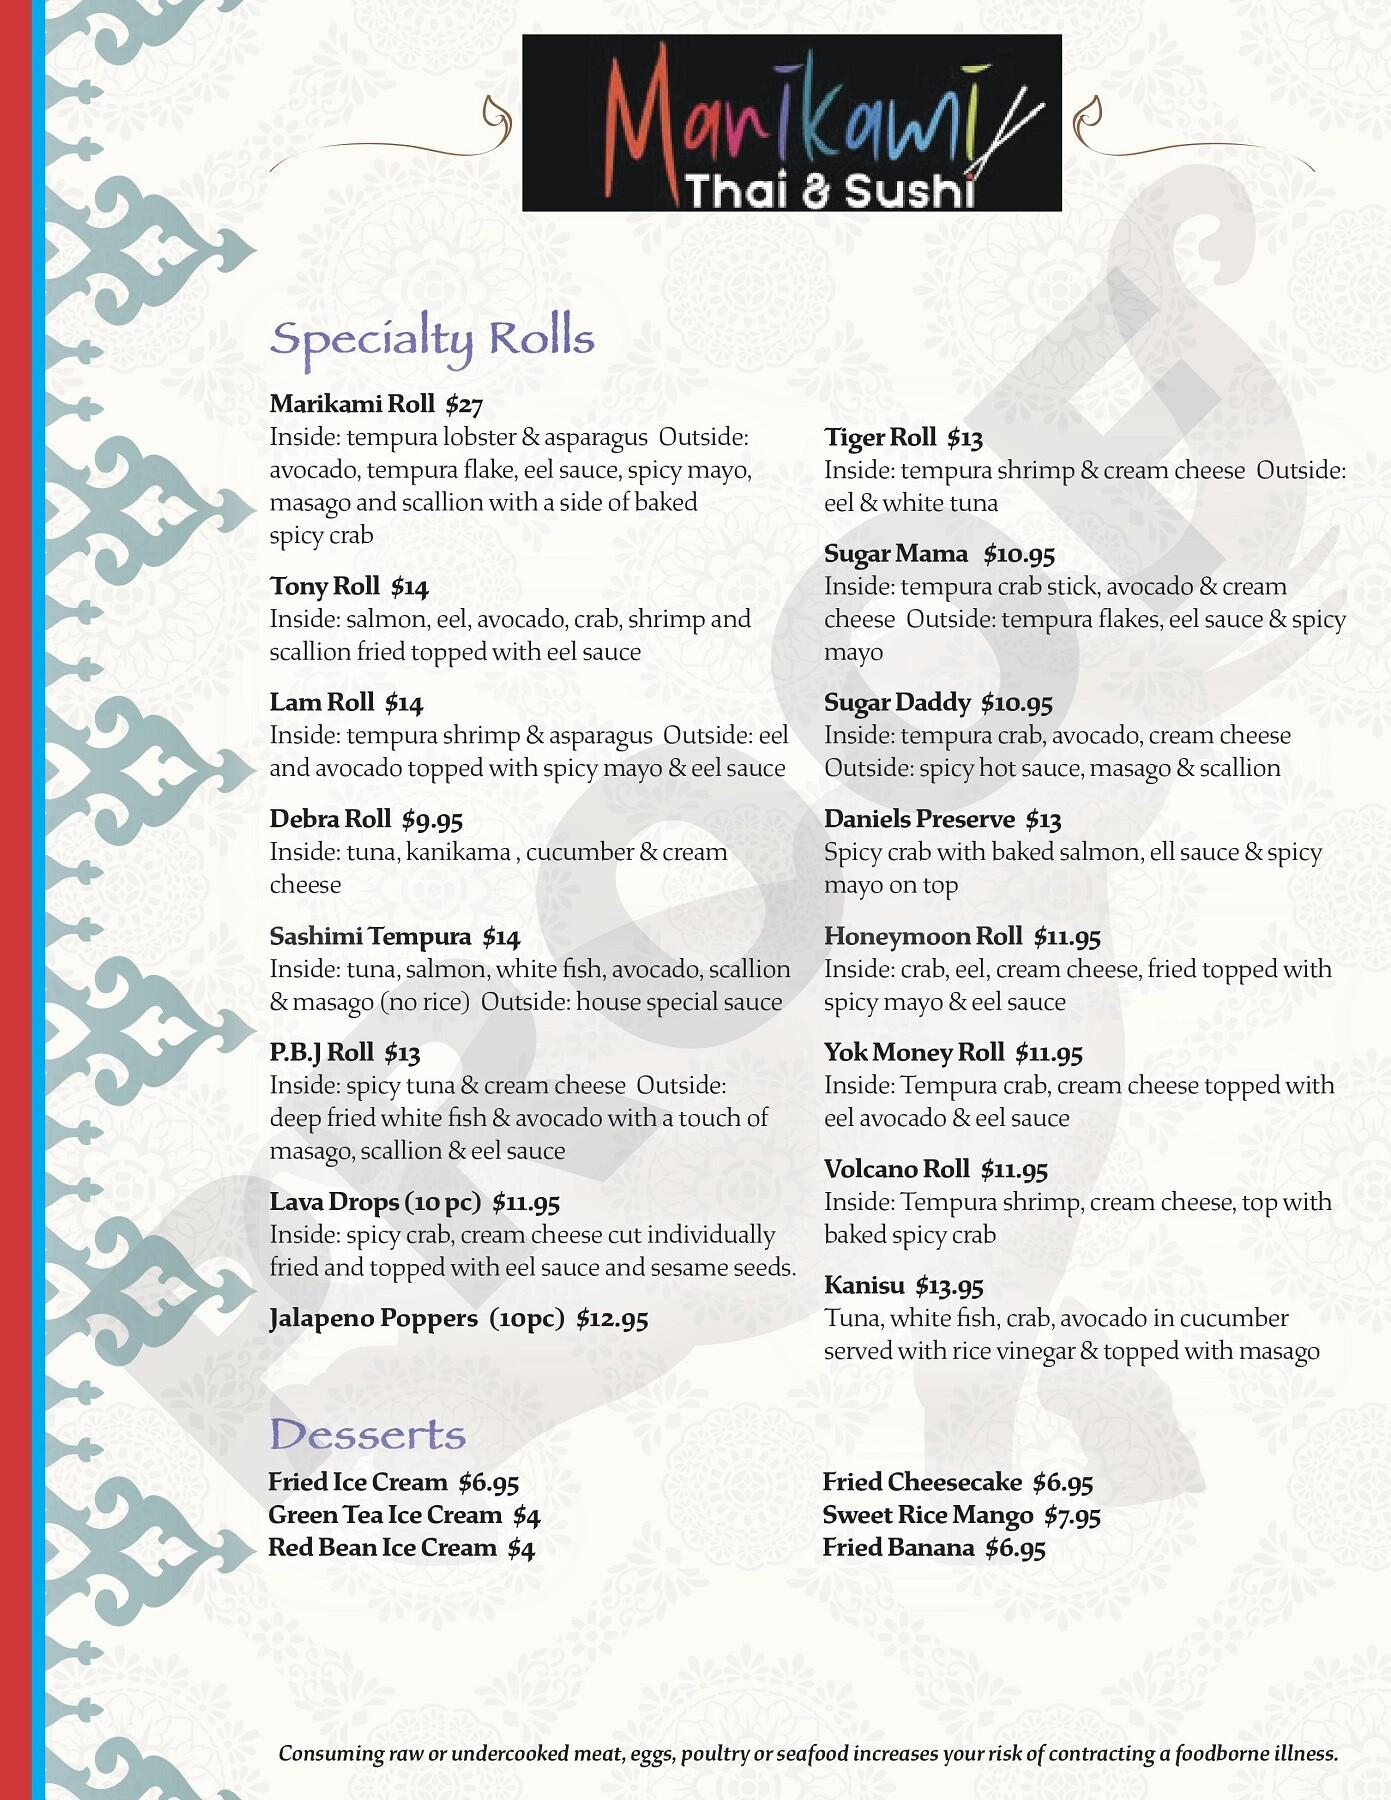 Marikami Thai & Sushi Fort Myers